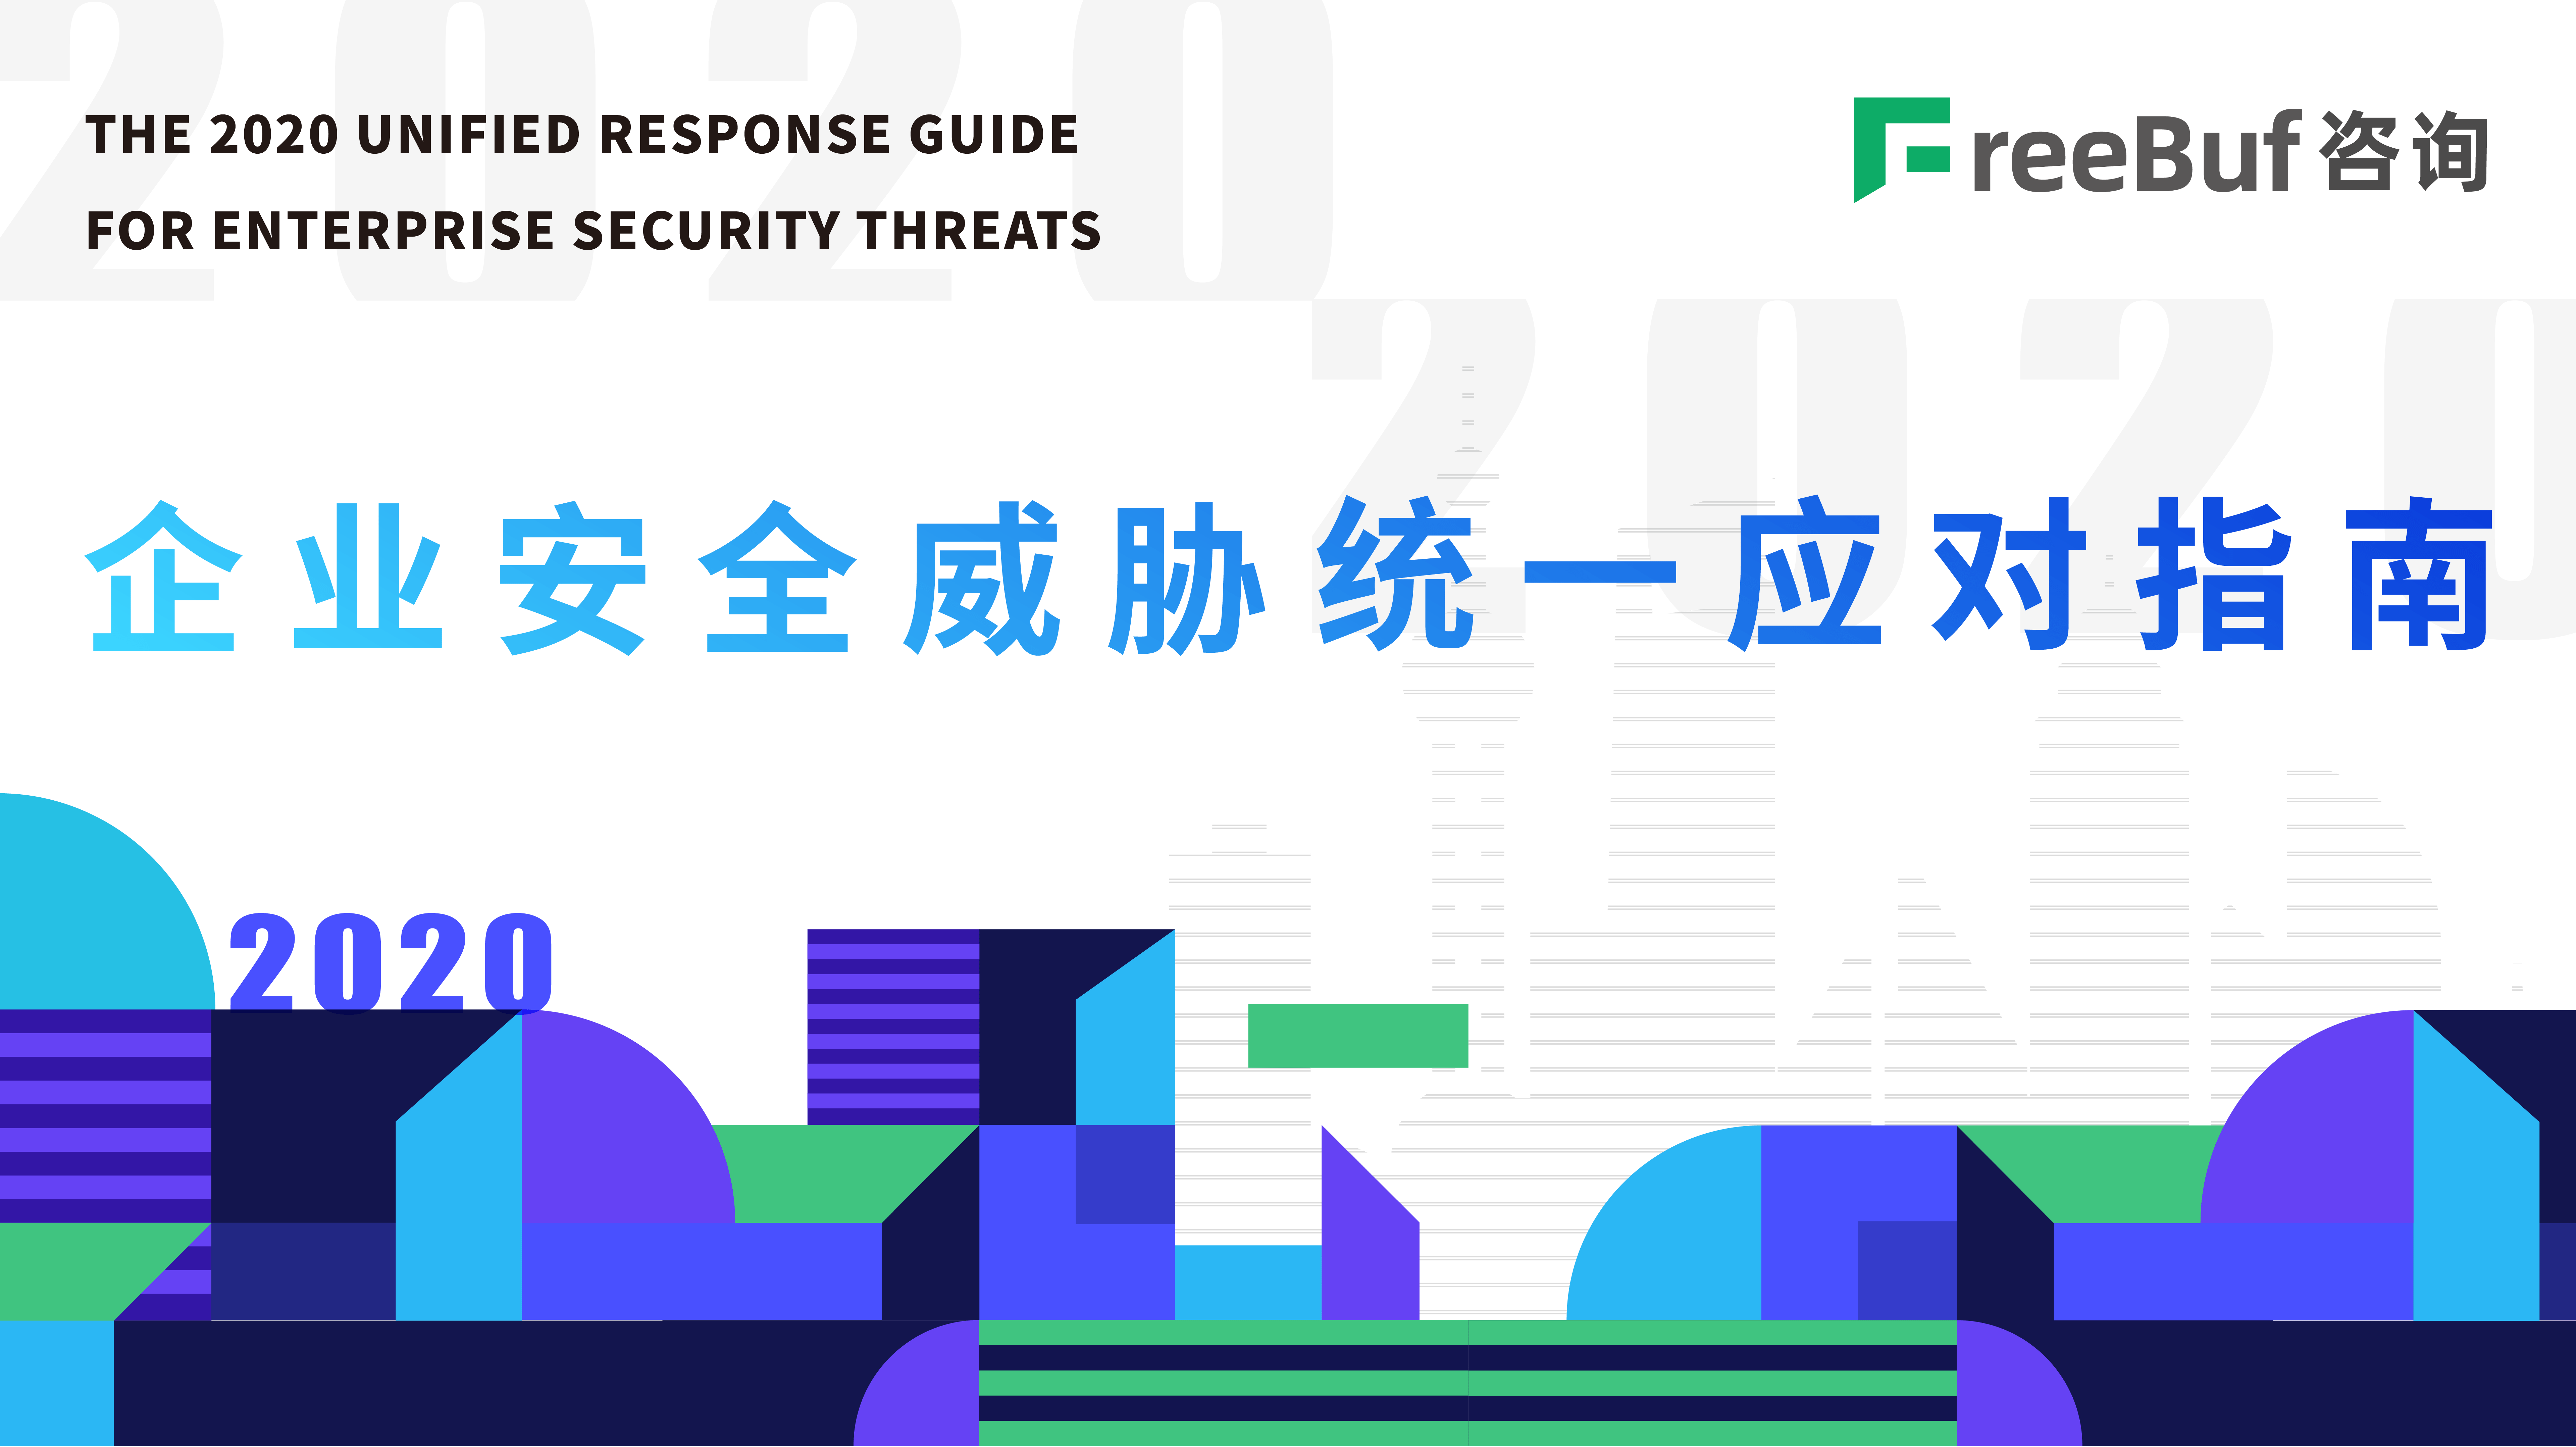 《2020企业安全威胁统一应对指南》正式启动 | FreeBuf咨询